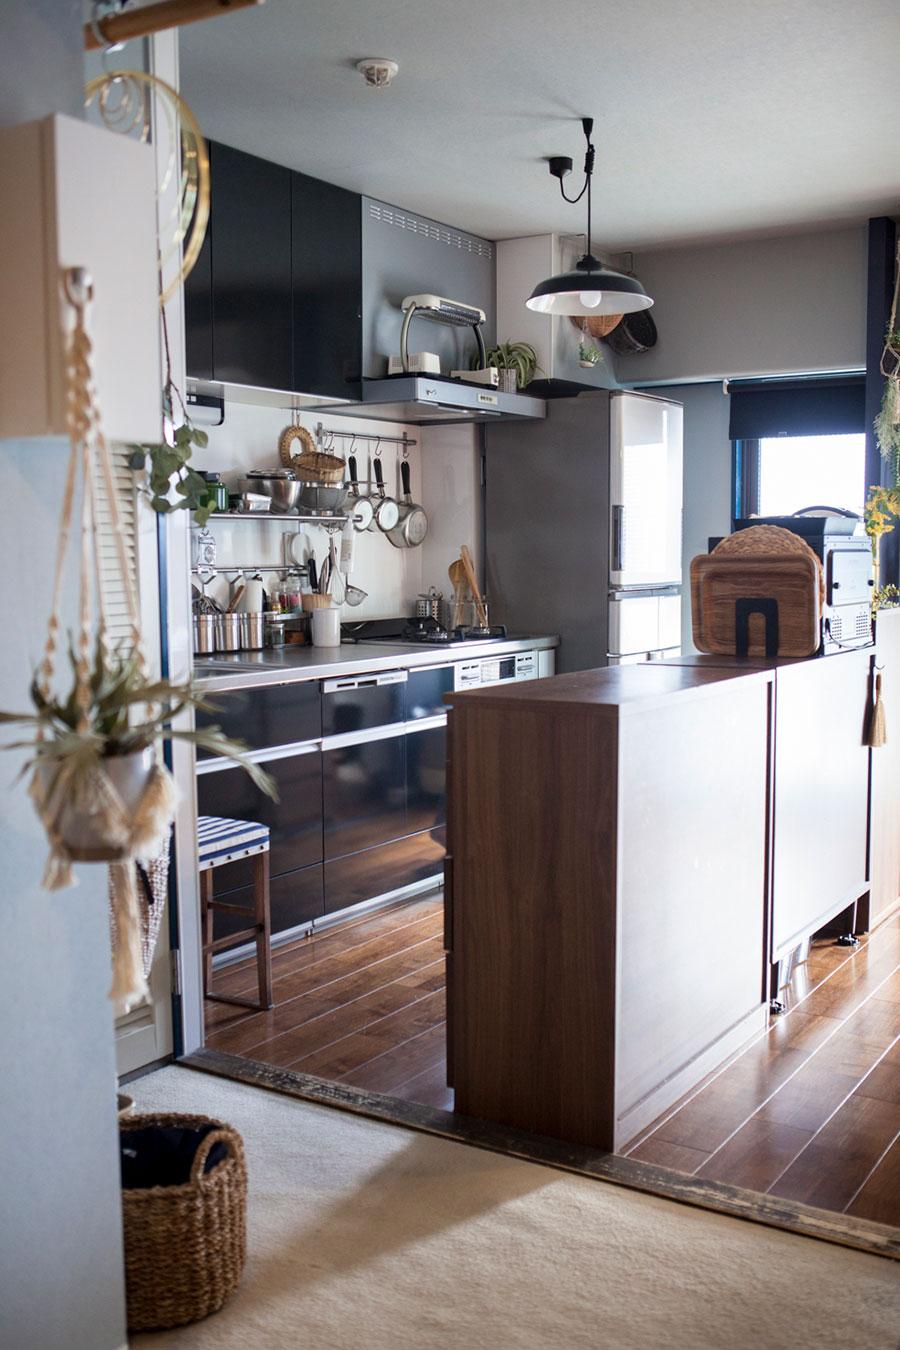 前から使っていた家具を3つ並べてアイランドに。背の高さがちょうどいいそう。キッチンパネルには、調理道具を収める棚やバーを取り付けた。